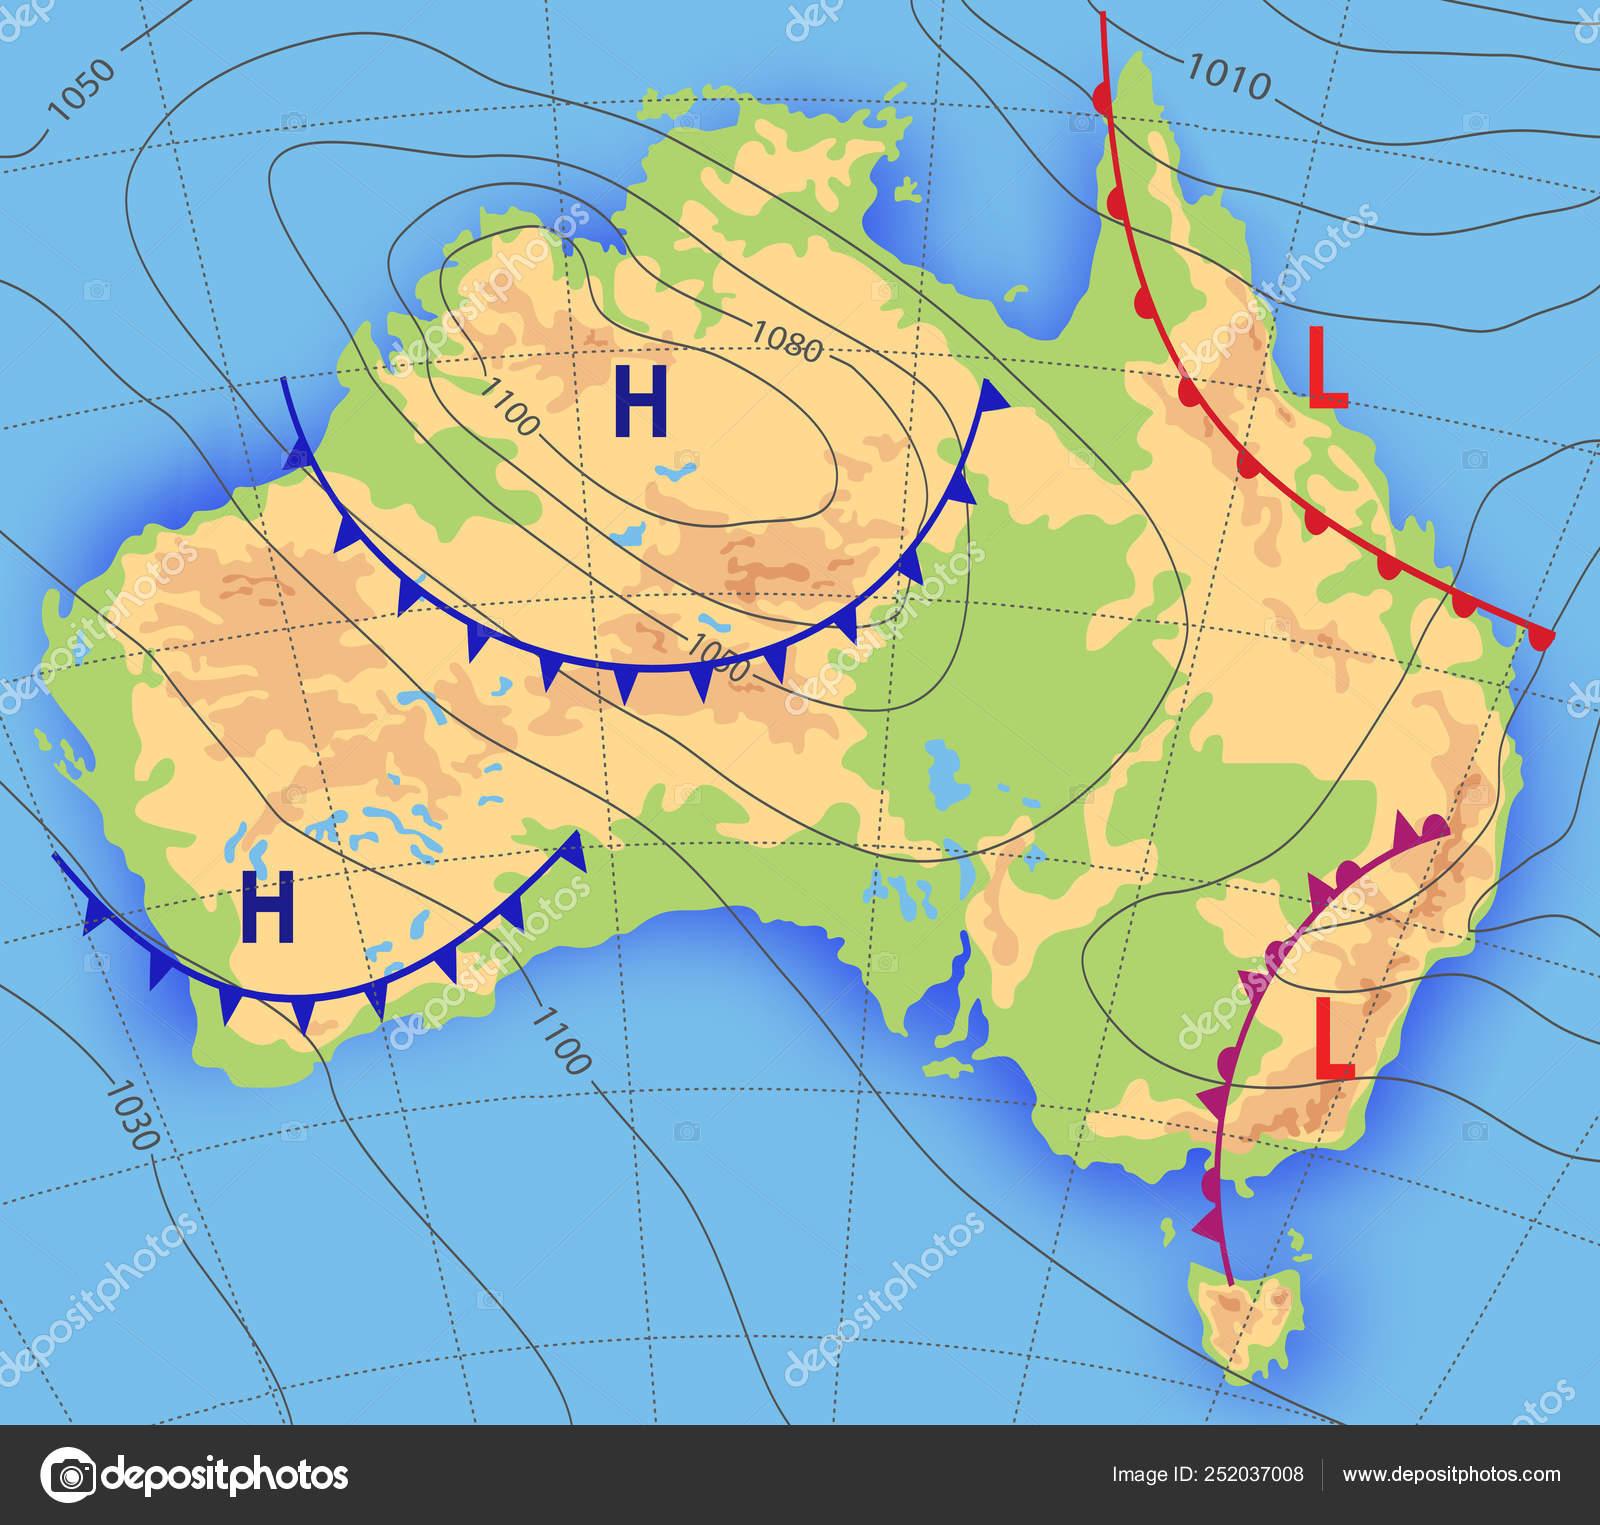 Cartina Fisica Dell Australia.Previsioni Meteo Mappa Meteo Meteorologica Dell Australia